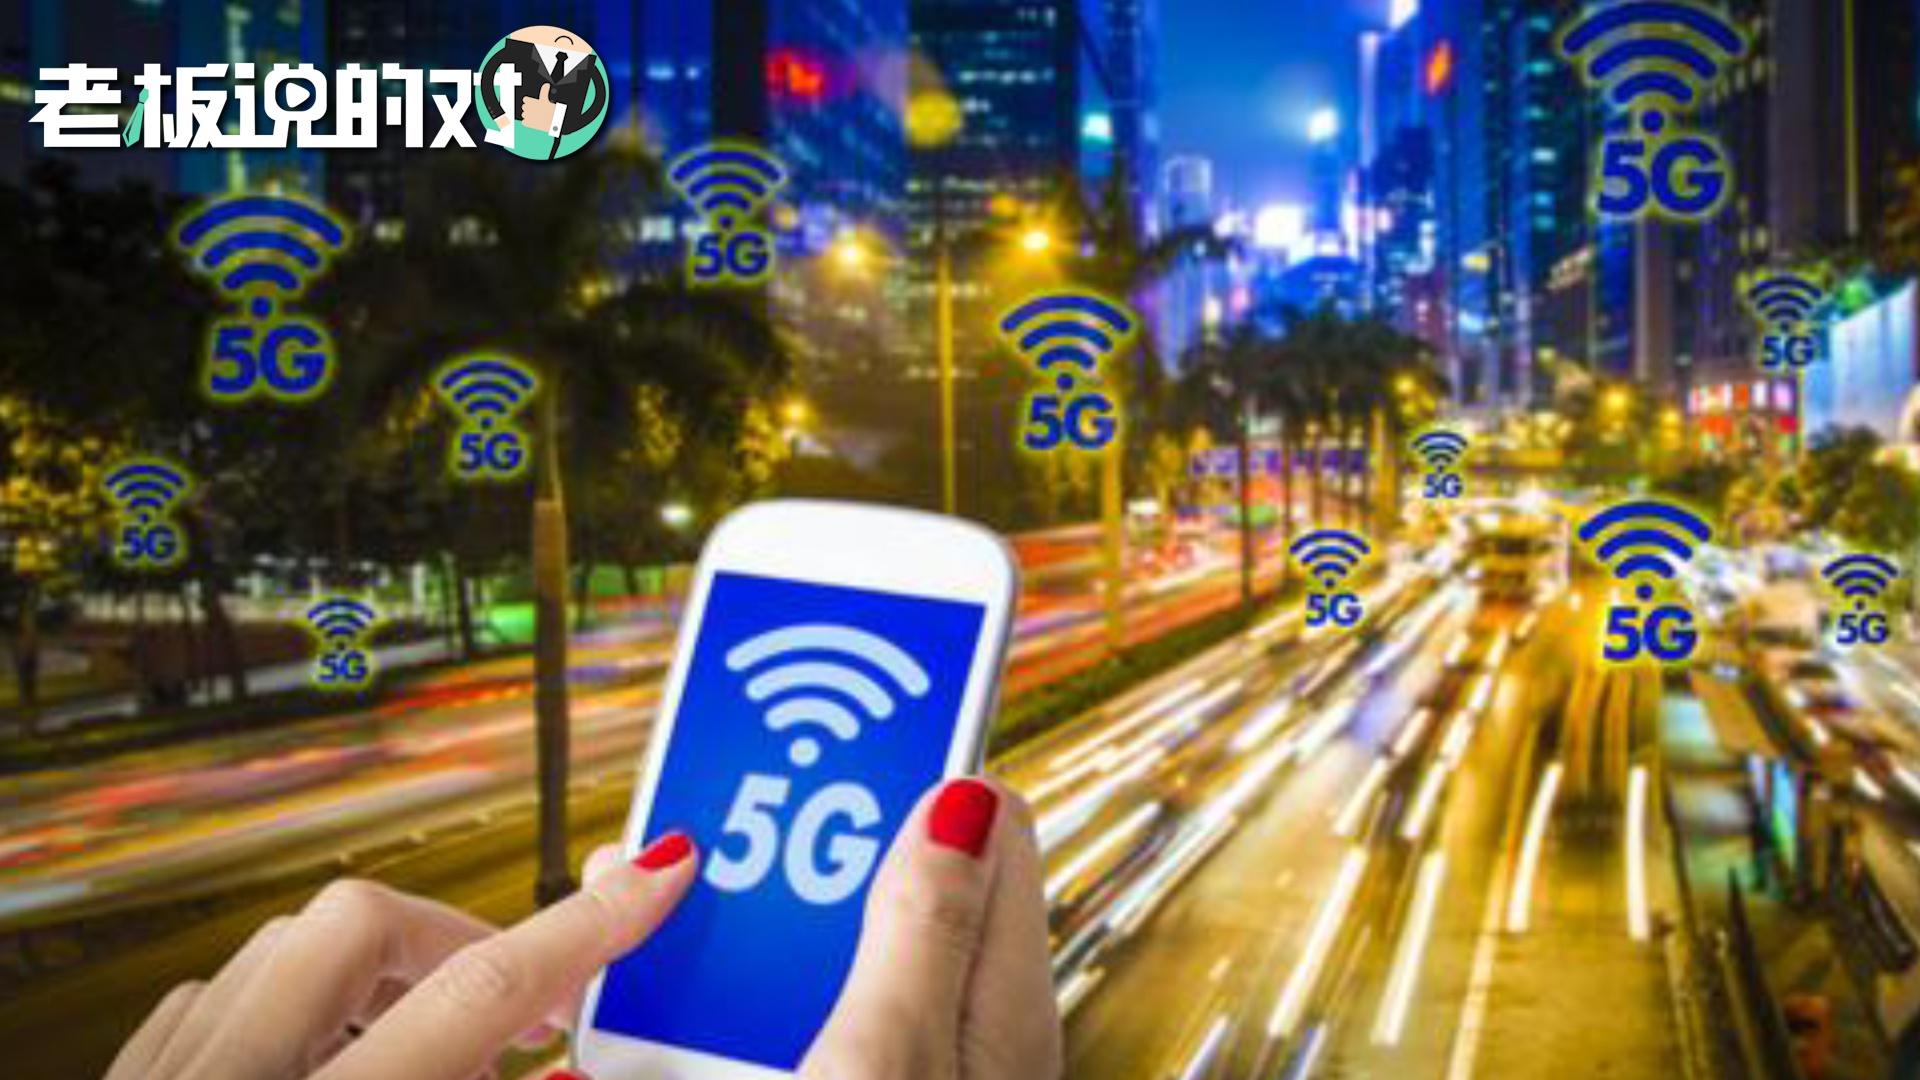 中国铁塔高管:5G基站耗电是4G的2-3倍,电费开支也将直线上升